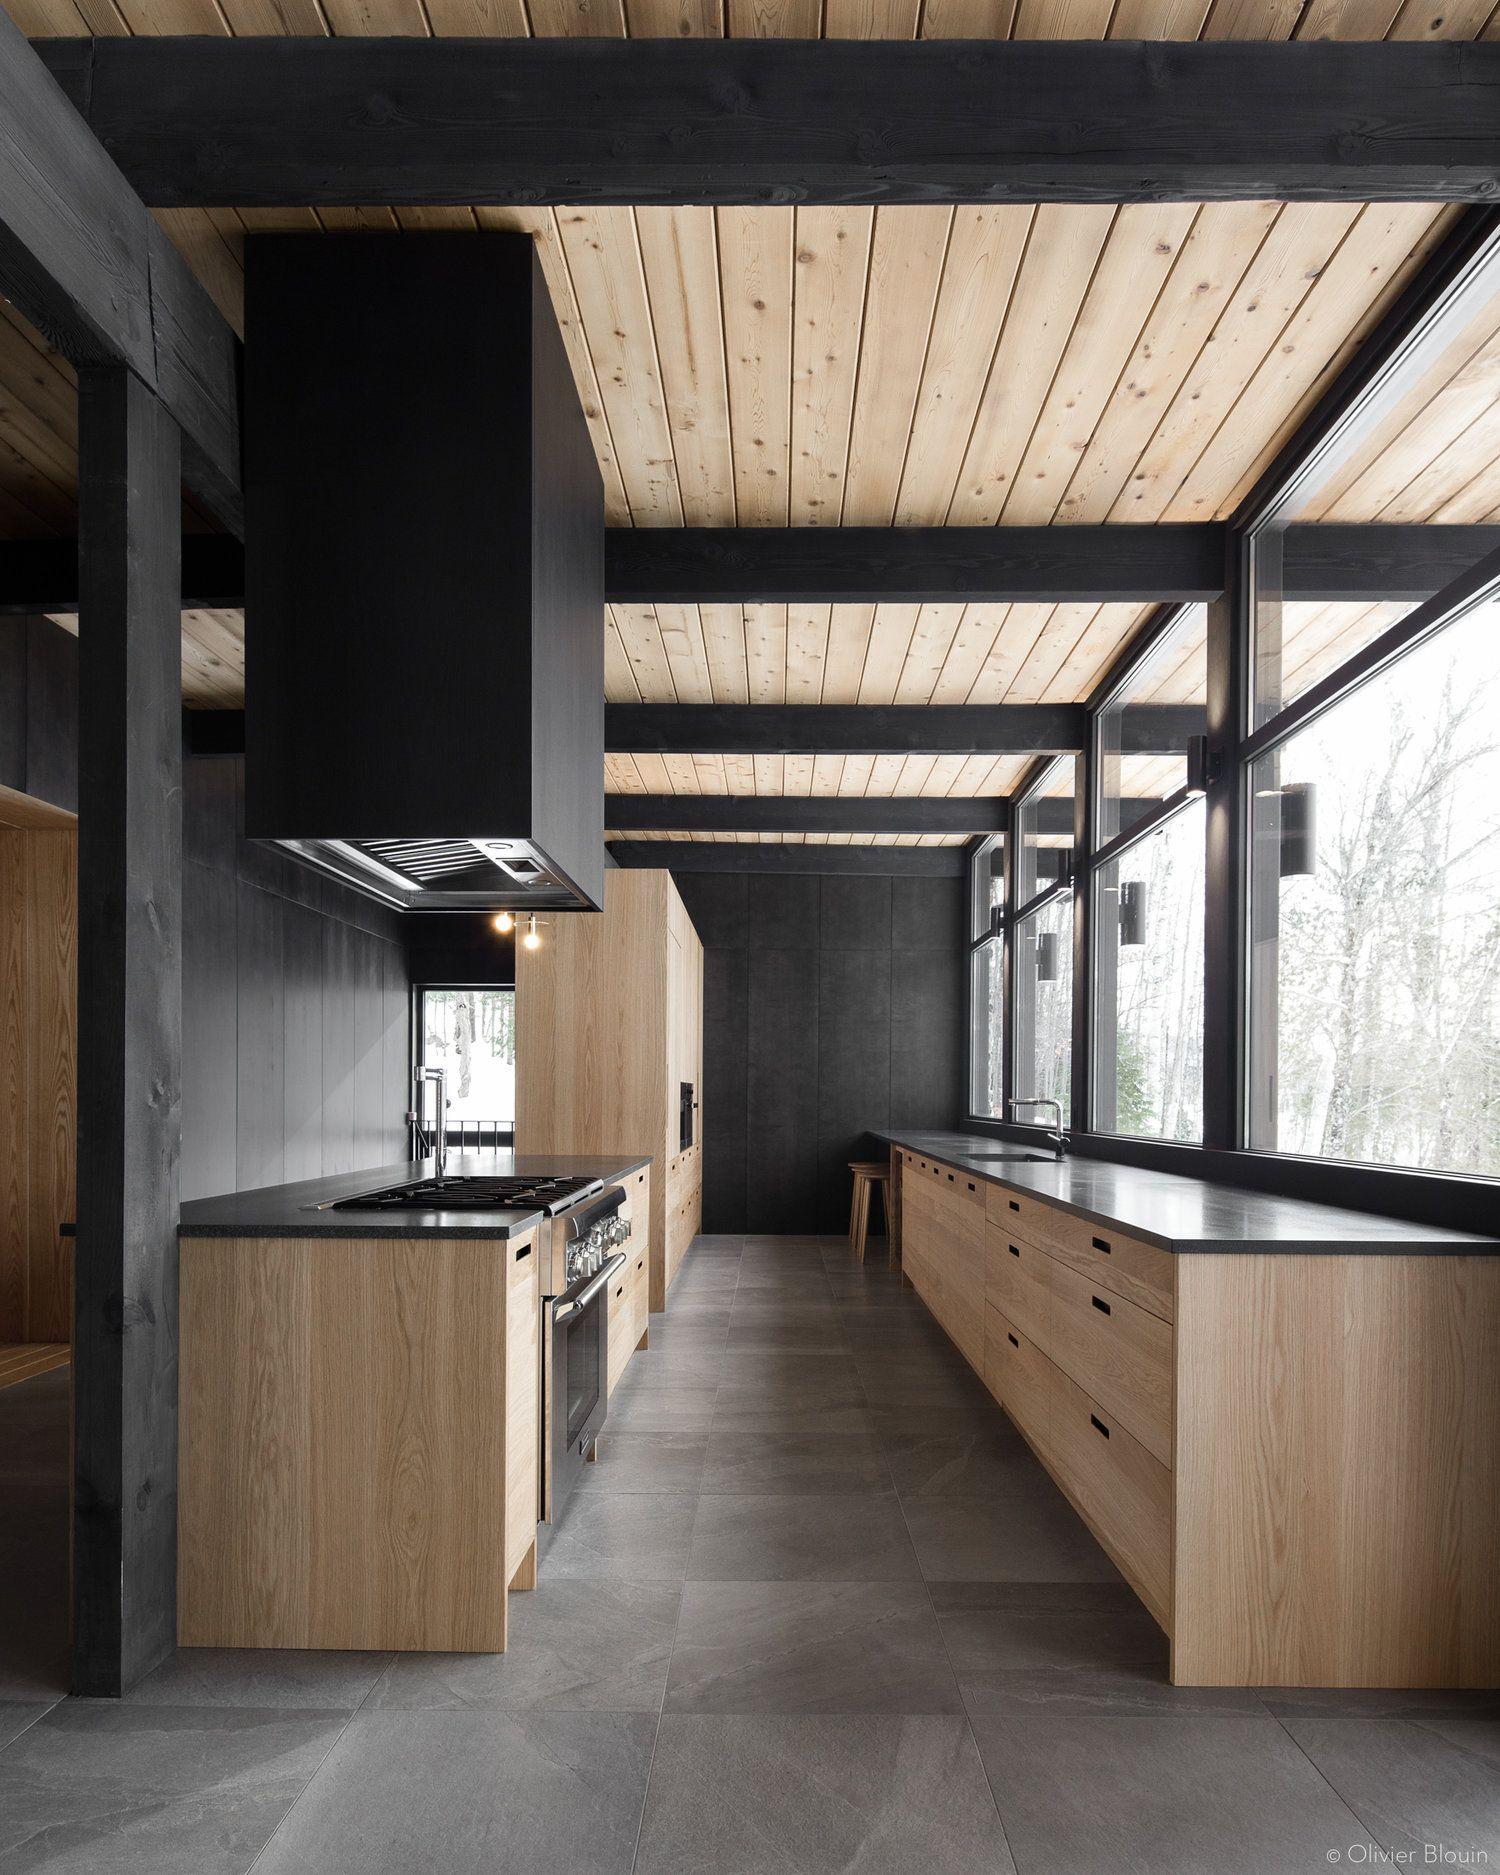 Armoire Cuisine Chene Blanc Comptoir Noir Mur De Pierre 02 Jpg Wood Frame House Home Construction Modern Tiny House